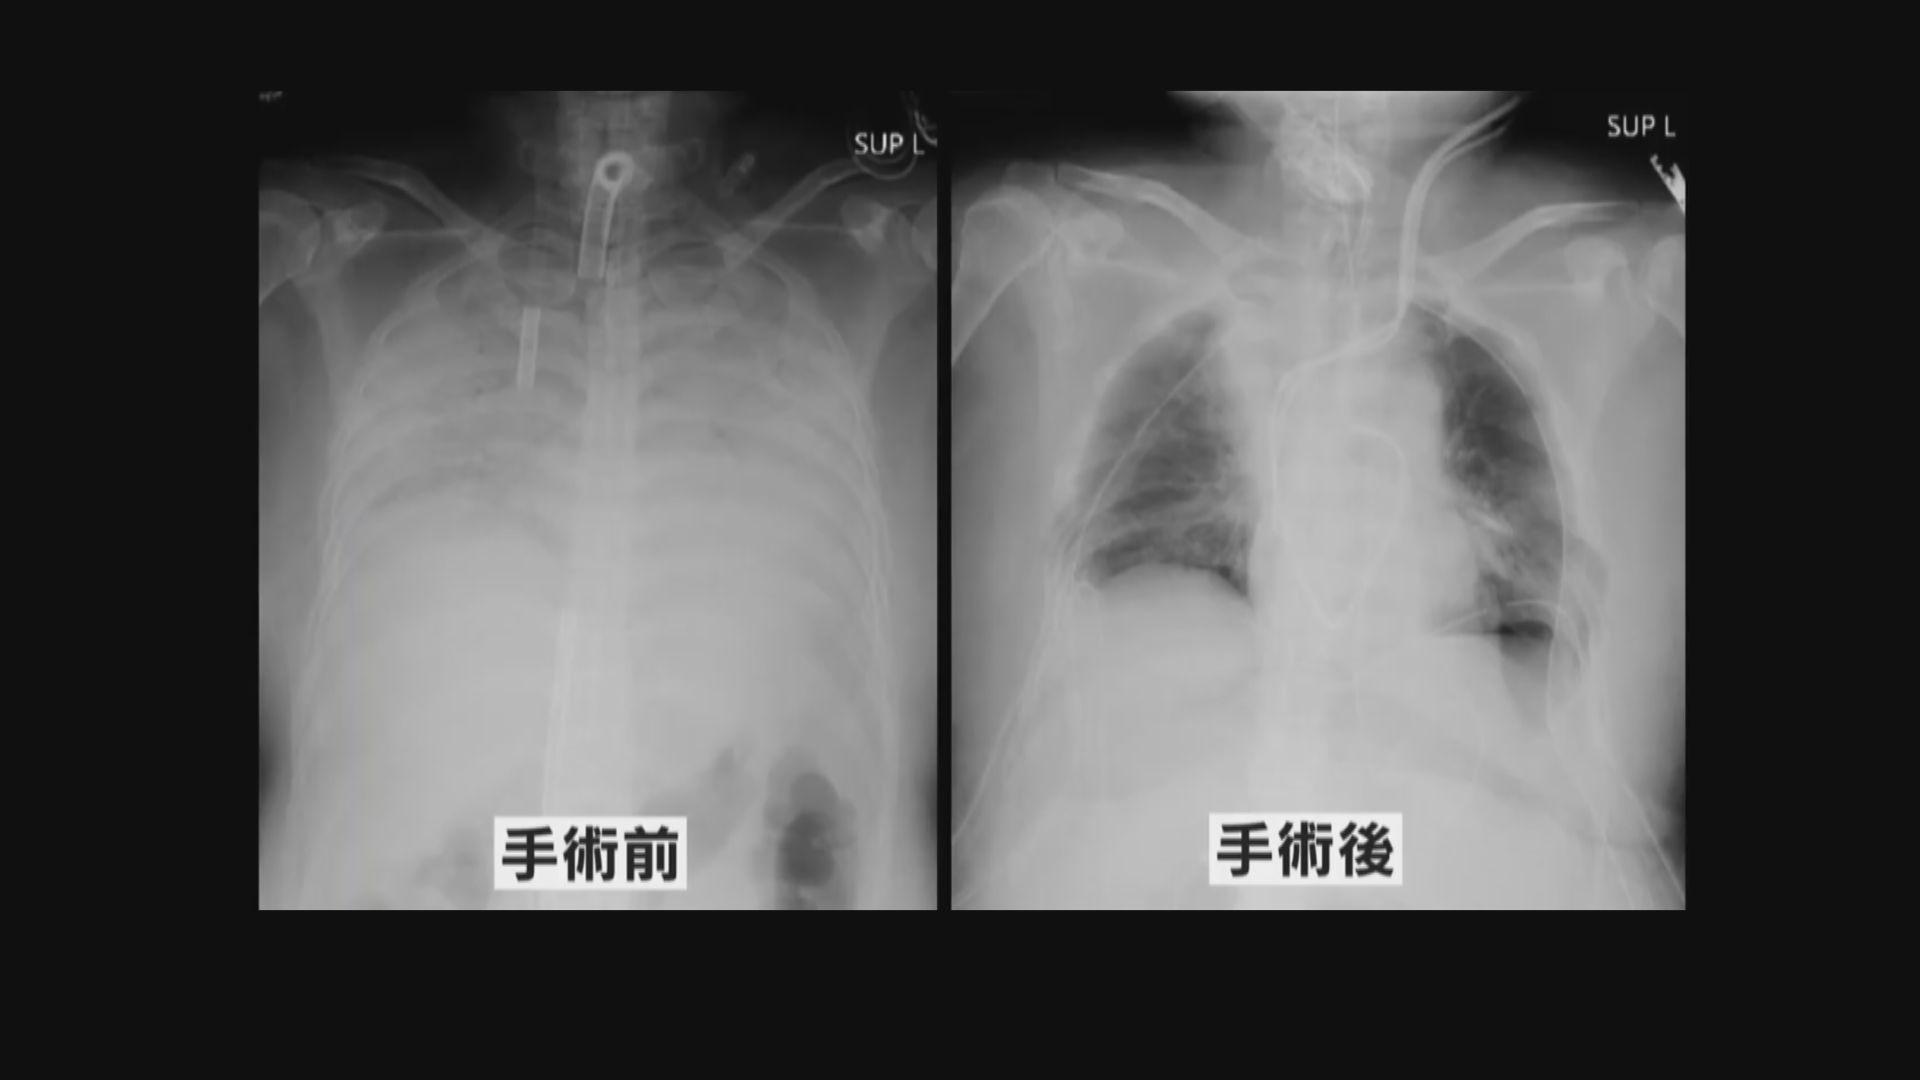 日本完成全球首個新冠病毒患者活體肺移植手術